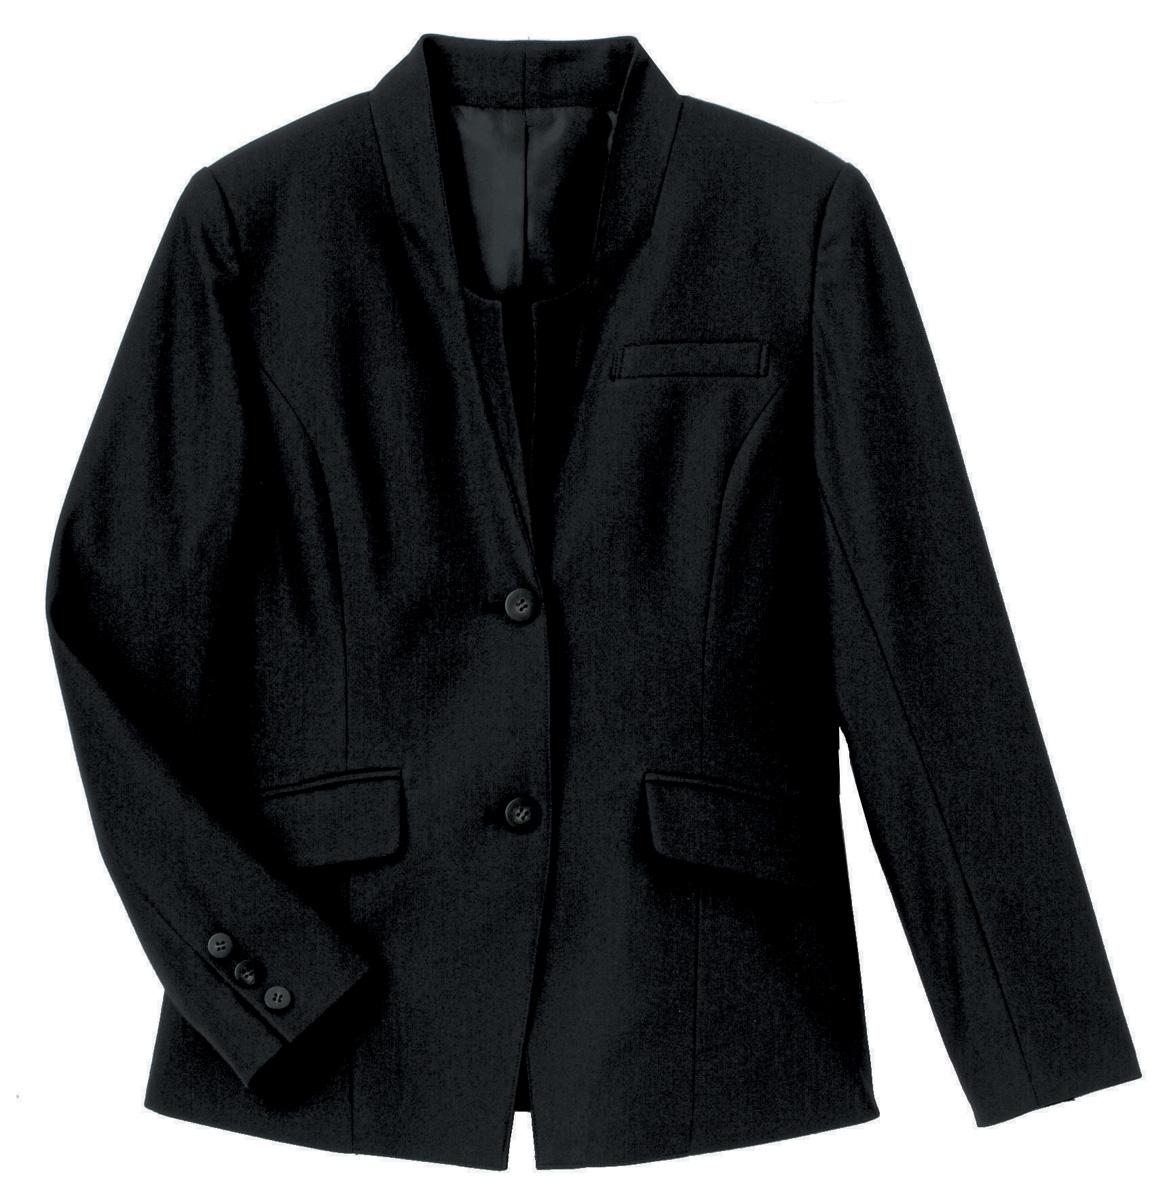 【ハネクトーン】スタンダードカラージャケットブラック(WP156-8)